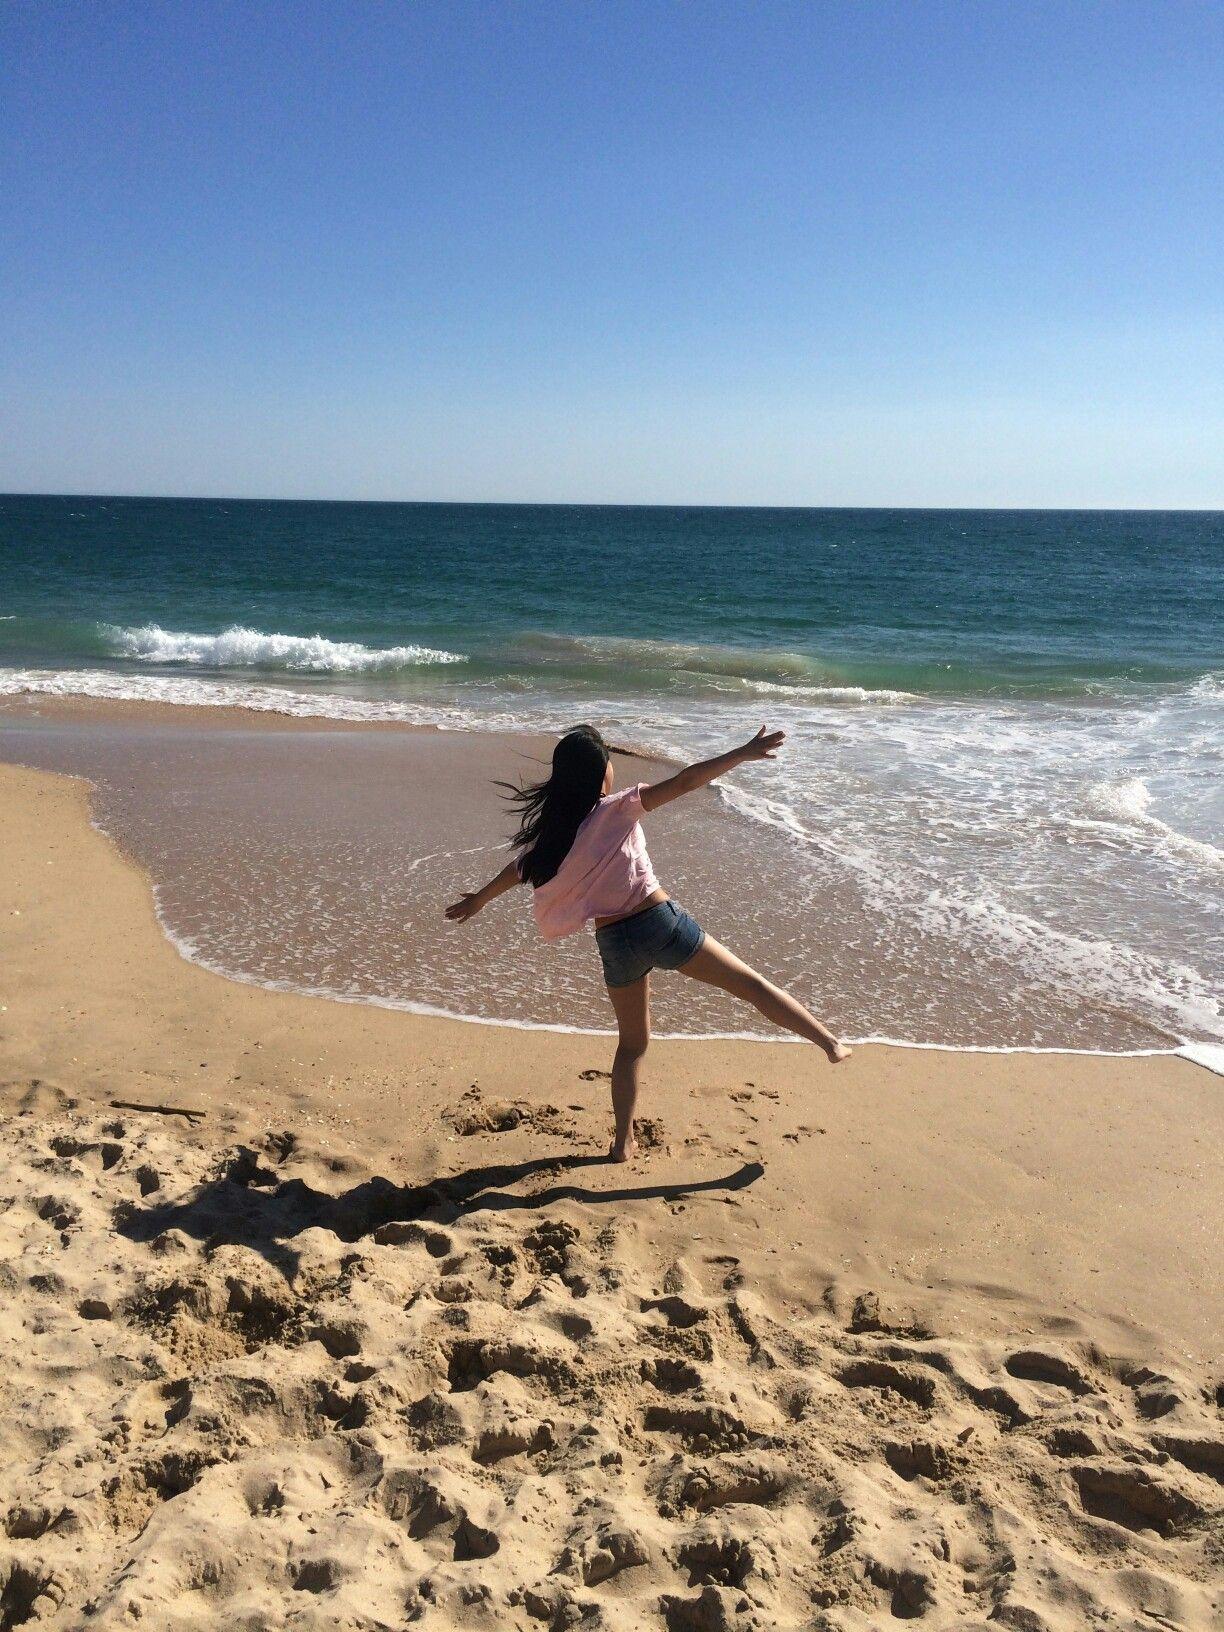 #Portugal #Sea #Sun